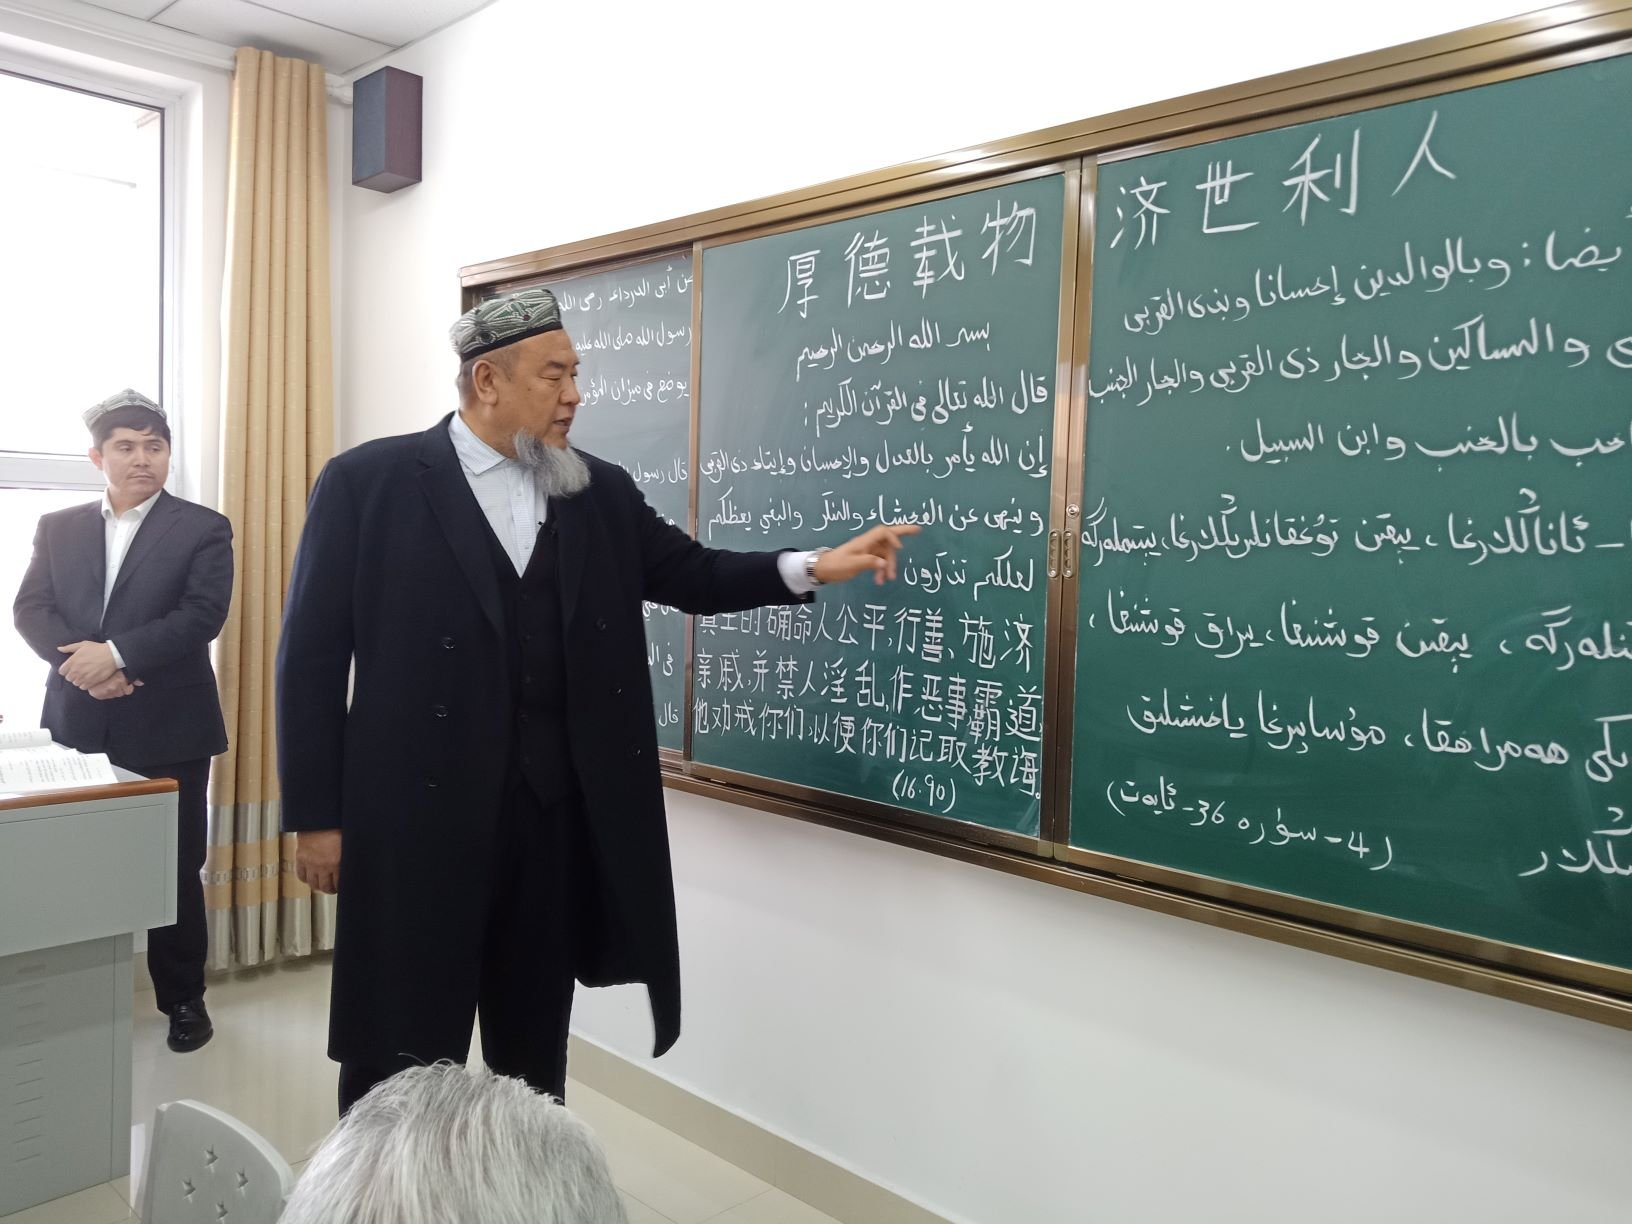 Xinjiang Islamic Institute